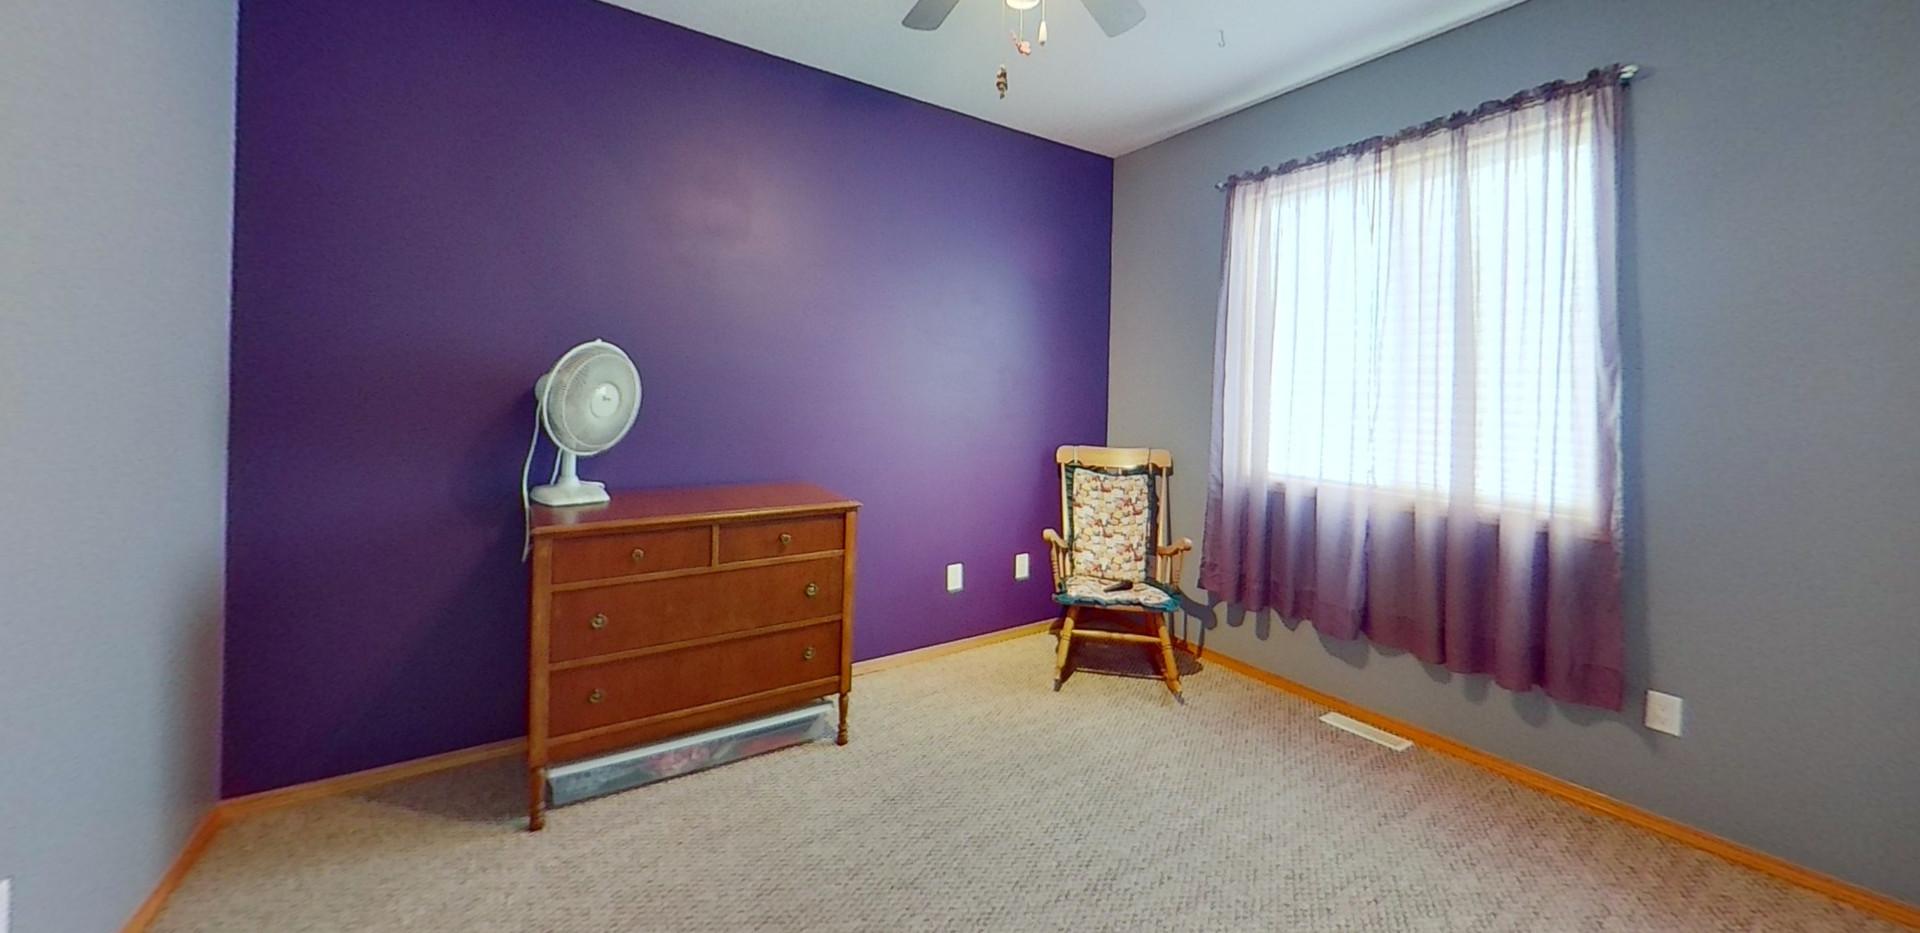 1143-Oakland-Dr-Bedroom-7.jpg